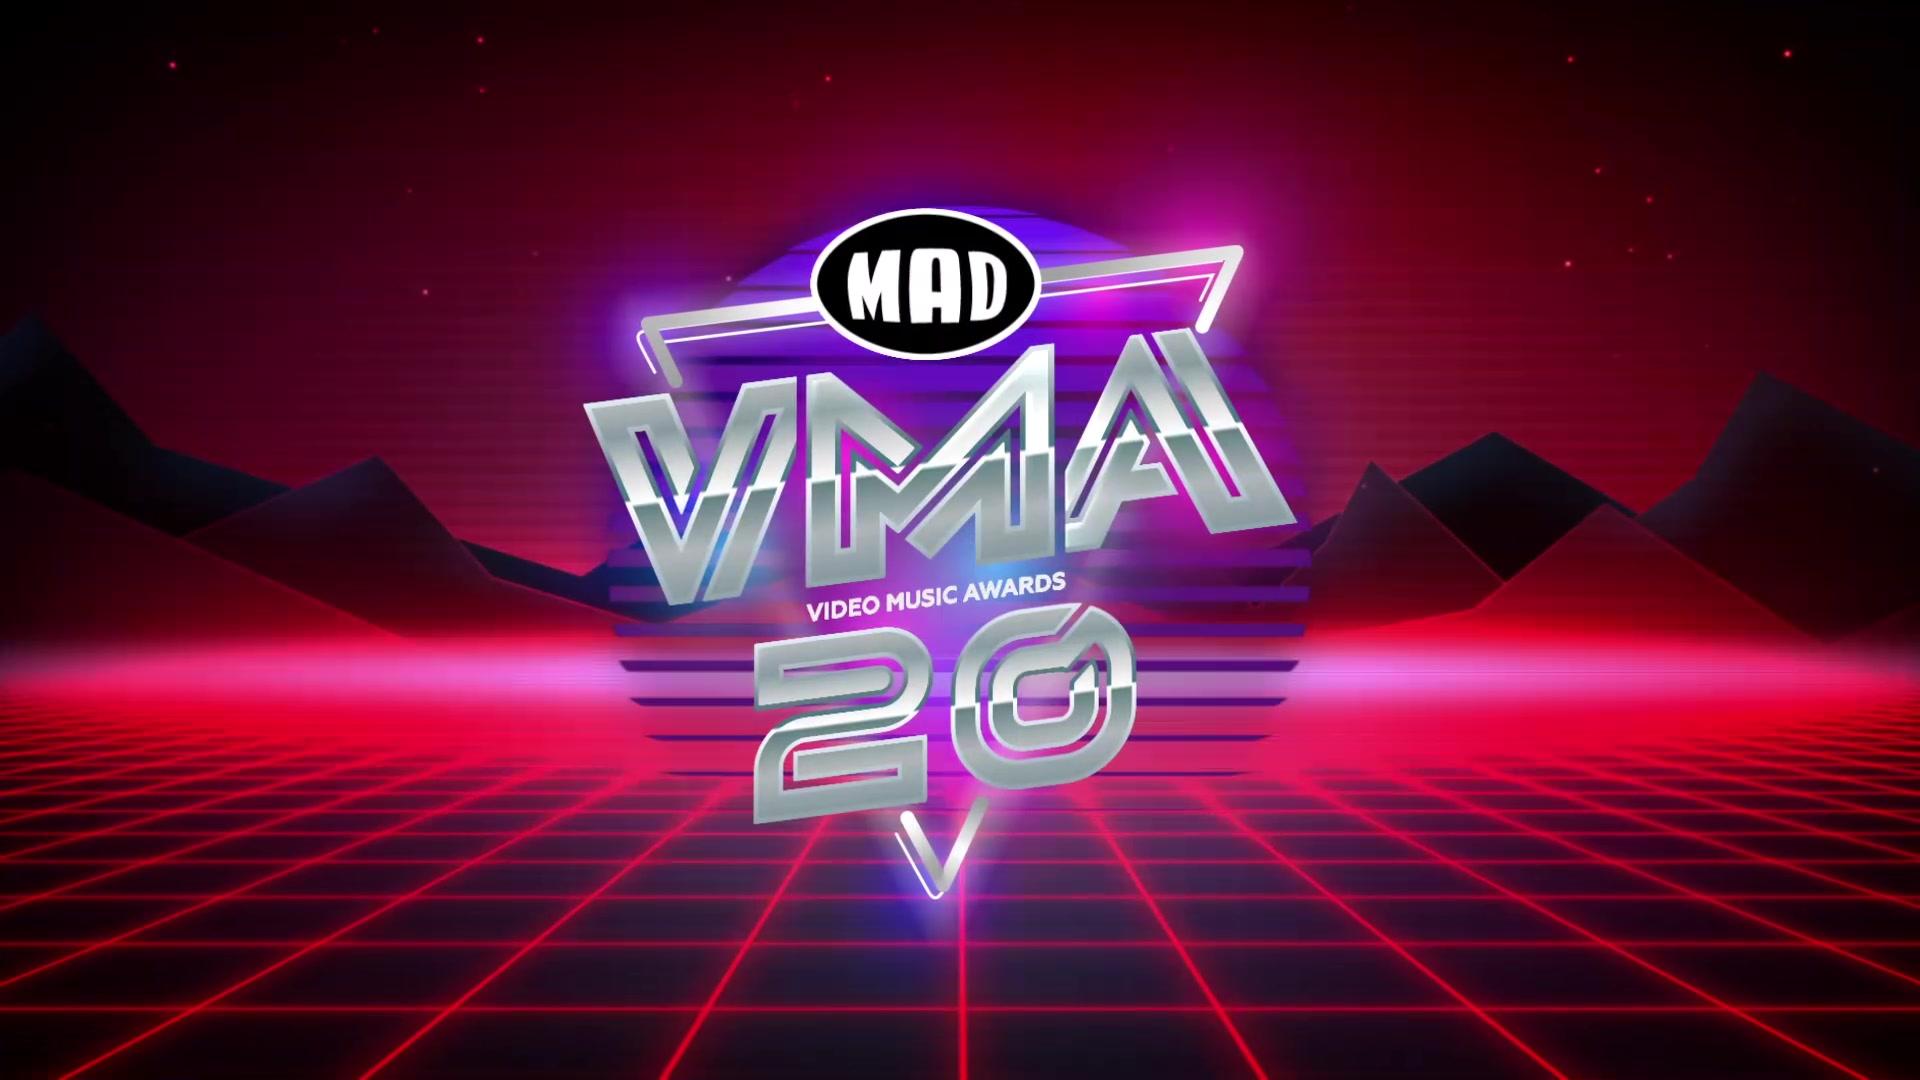 Τα «Mad Video Music Awards 2020» έρχονται αποκλειστικά τον Δεκέμβριο στο Mega